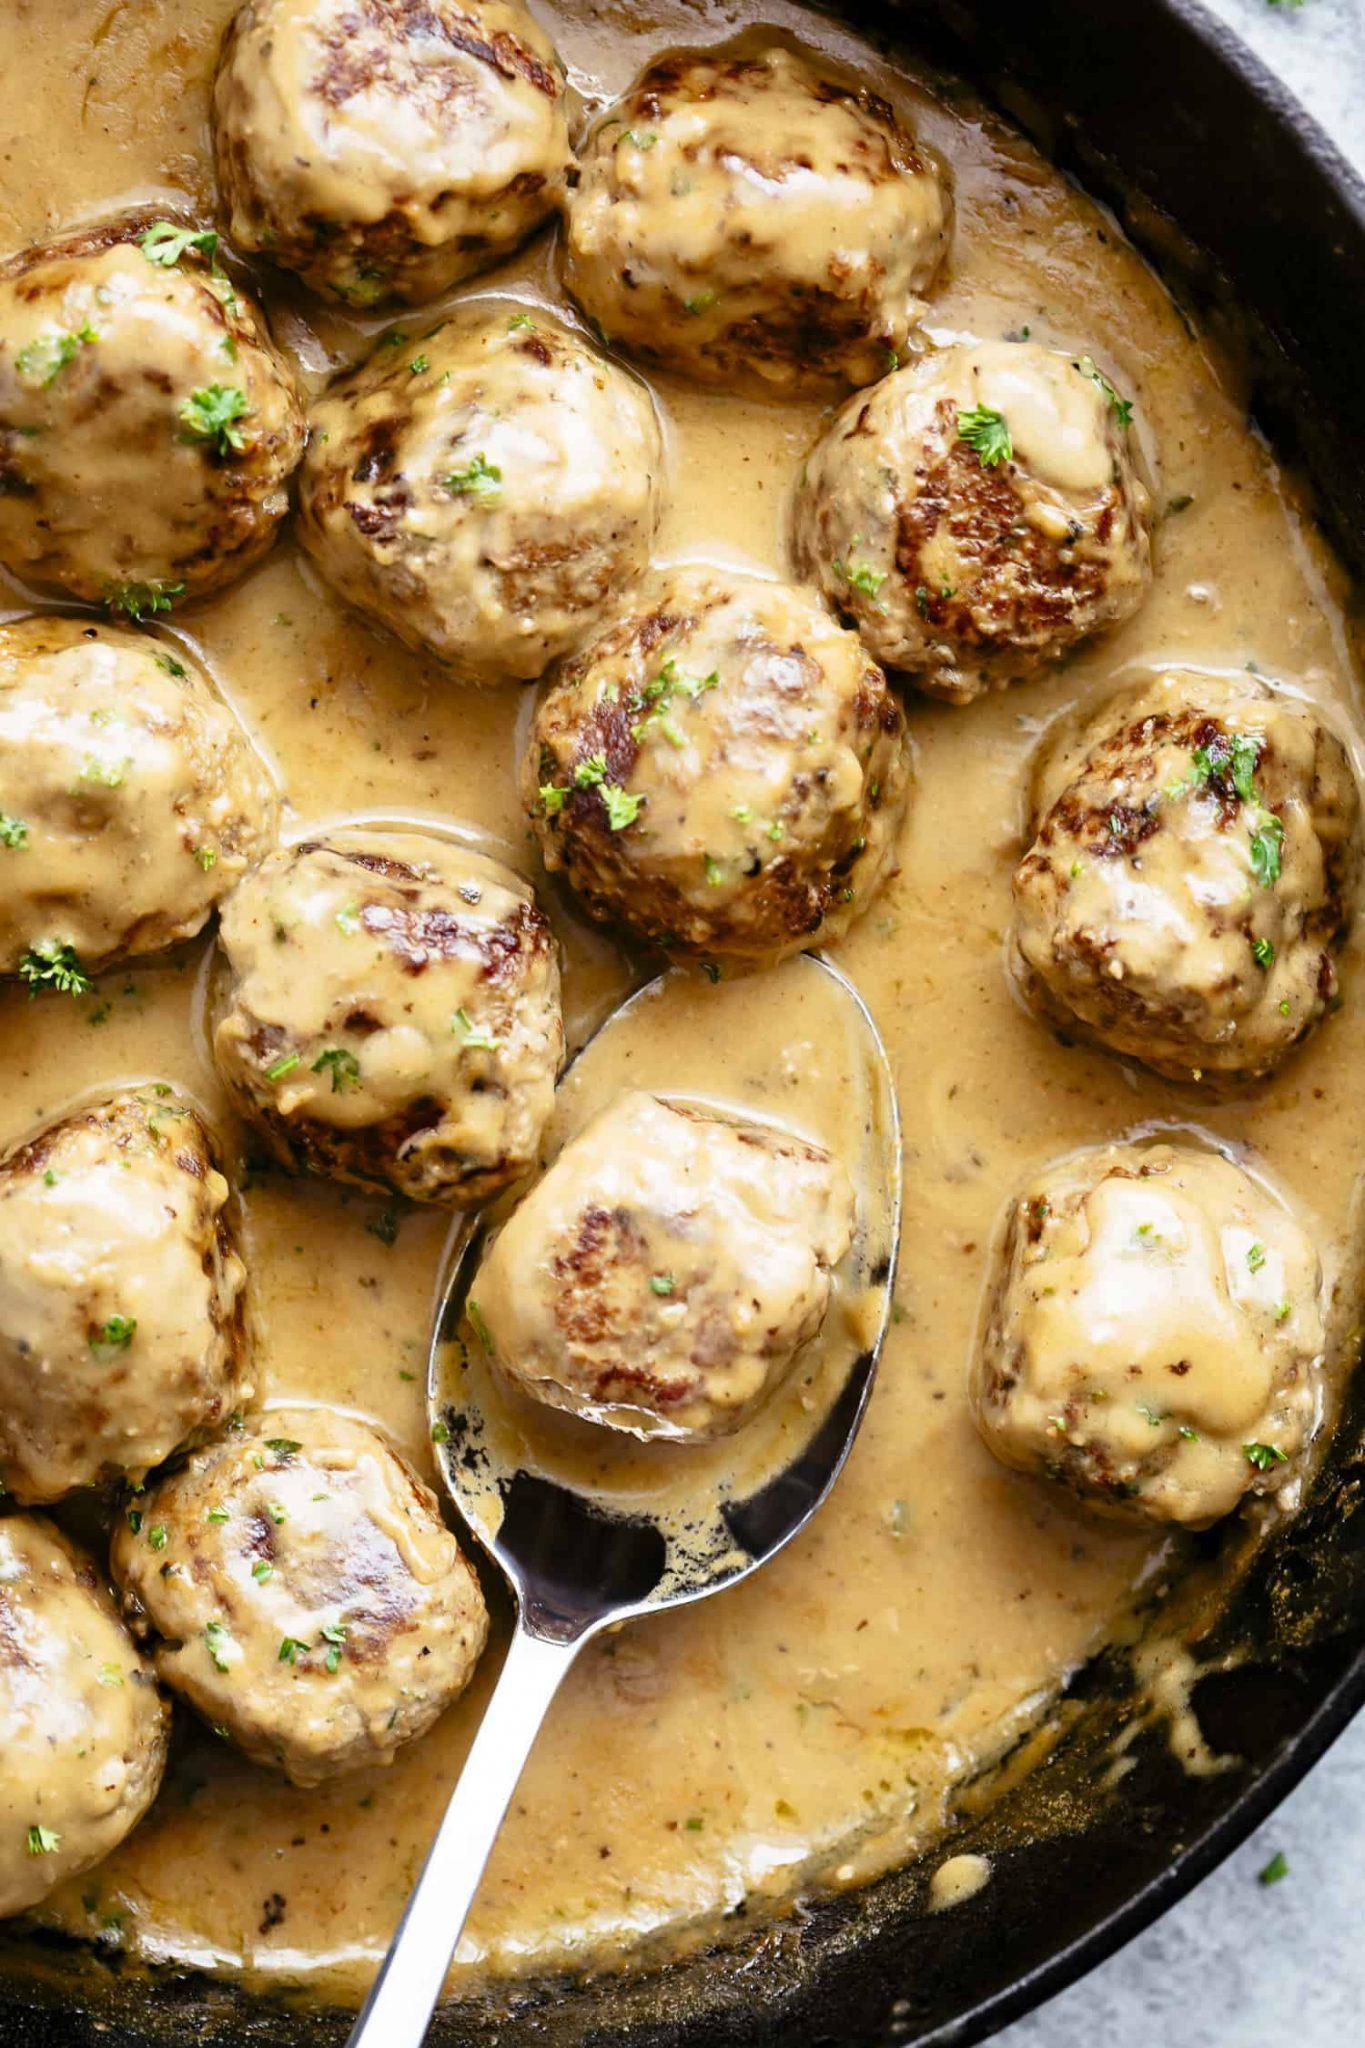 фрикадельки в сливочном соусе на сковороде рецепт с фото пошагово